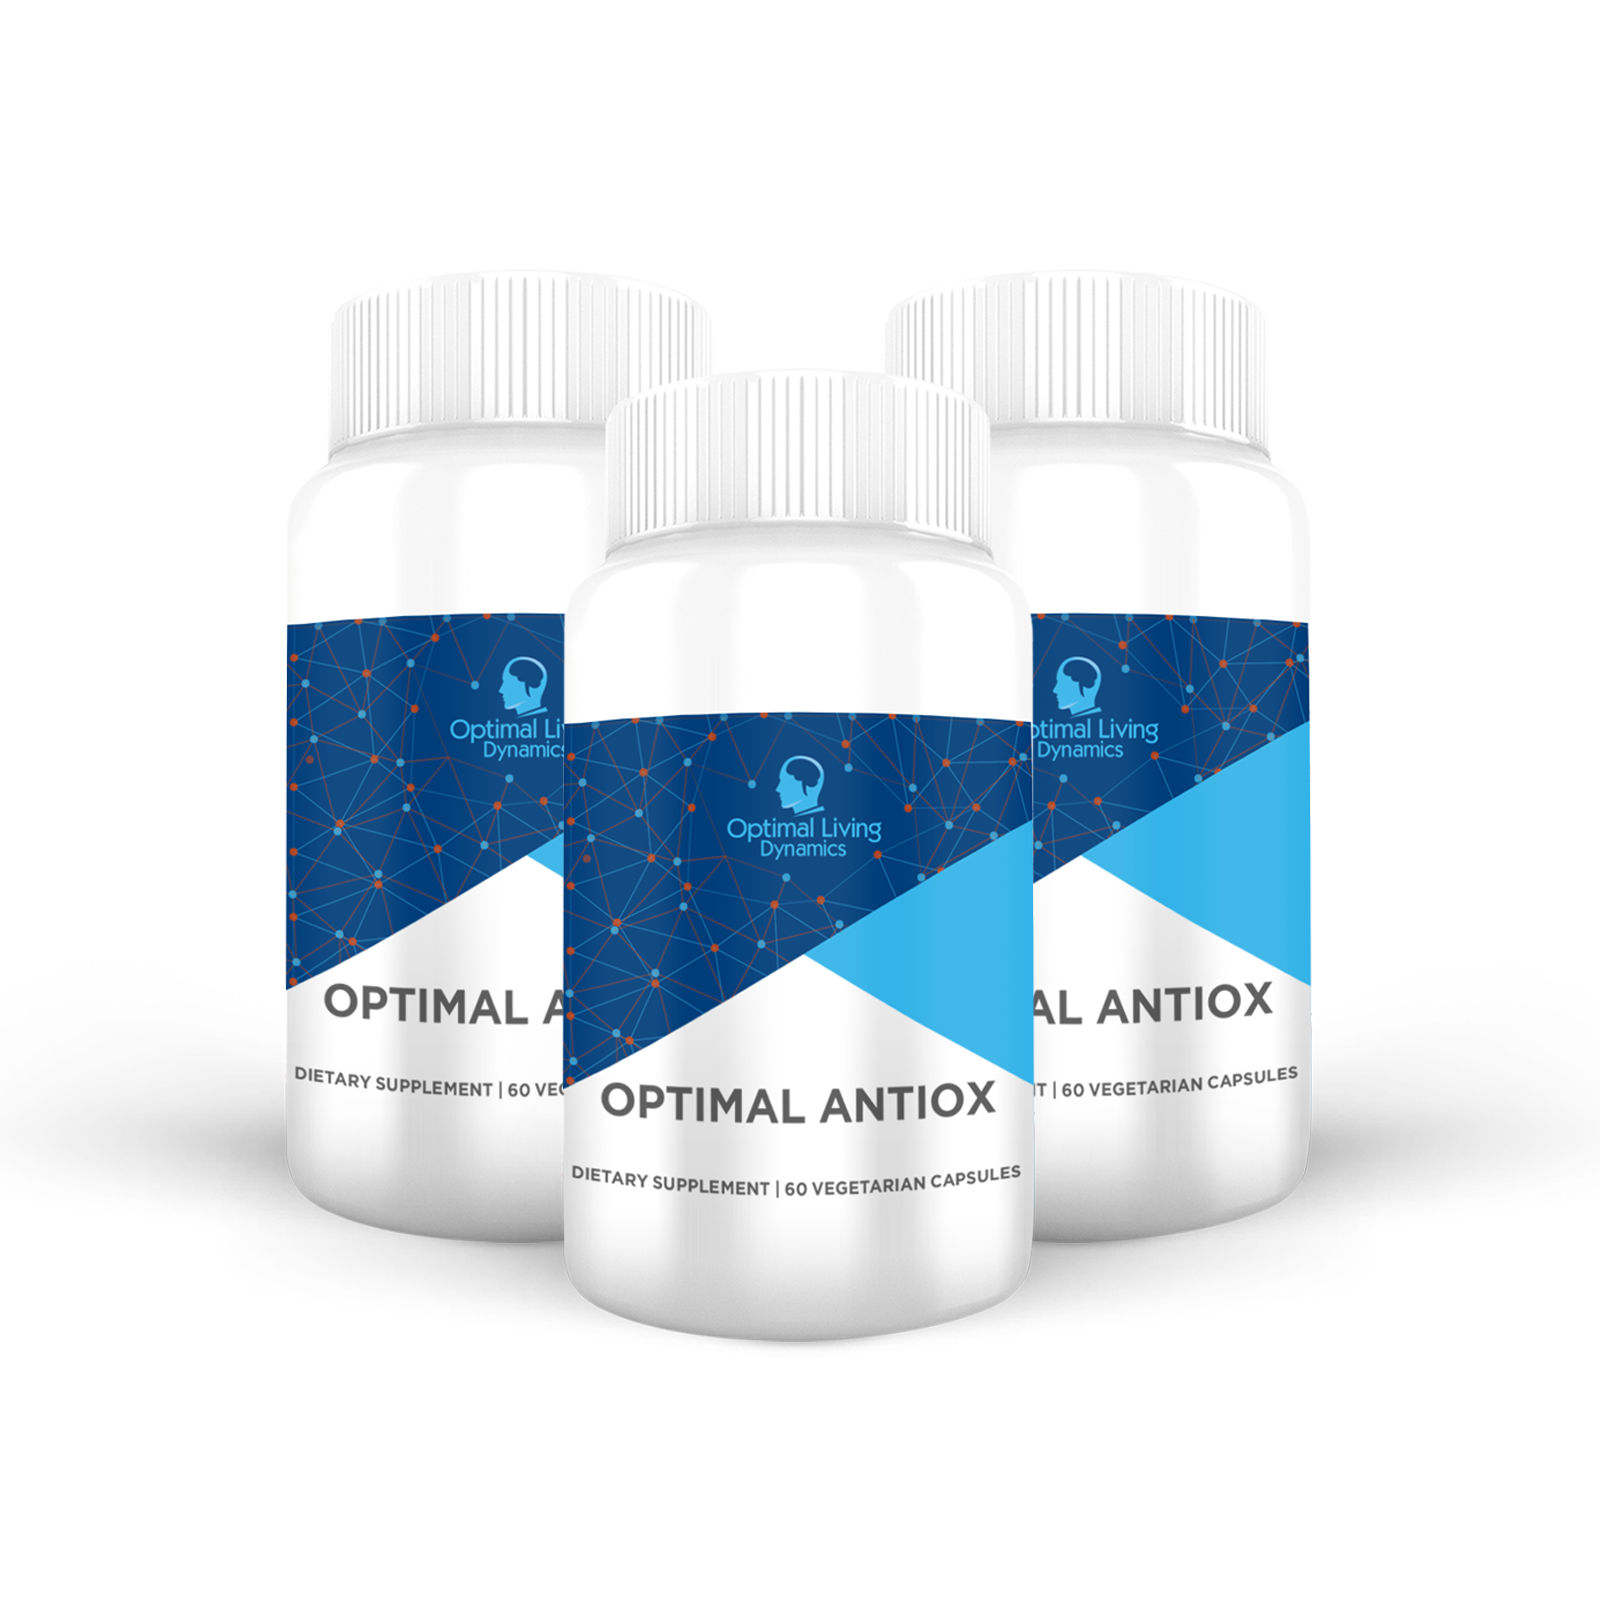 Fallis-DAT060-PL-4-Optimal Antiox 3bottles (1).png